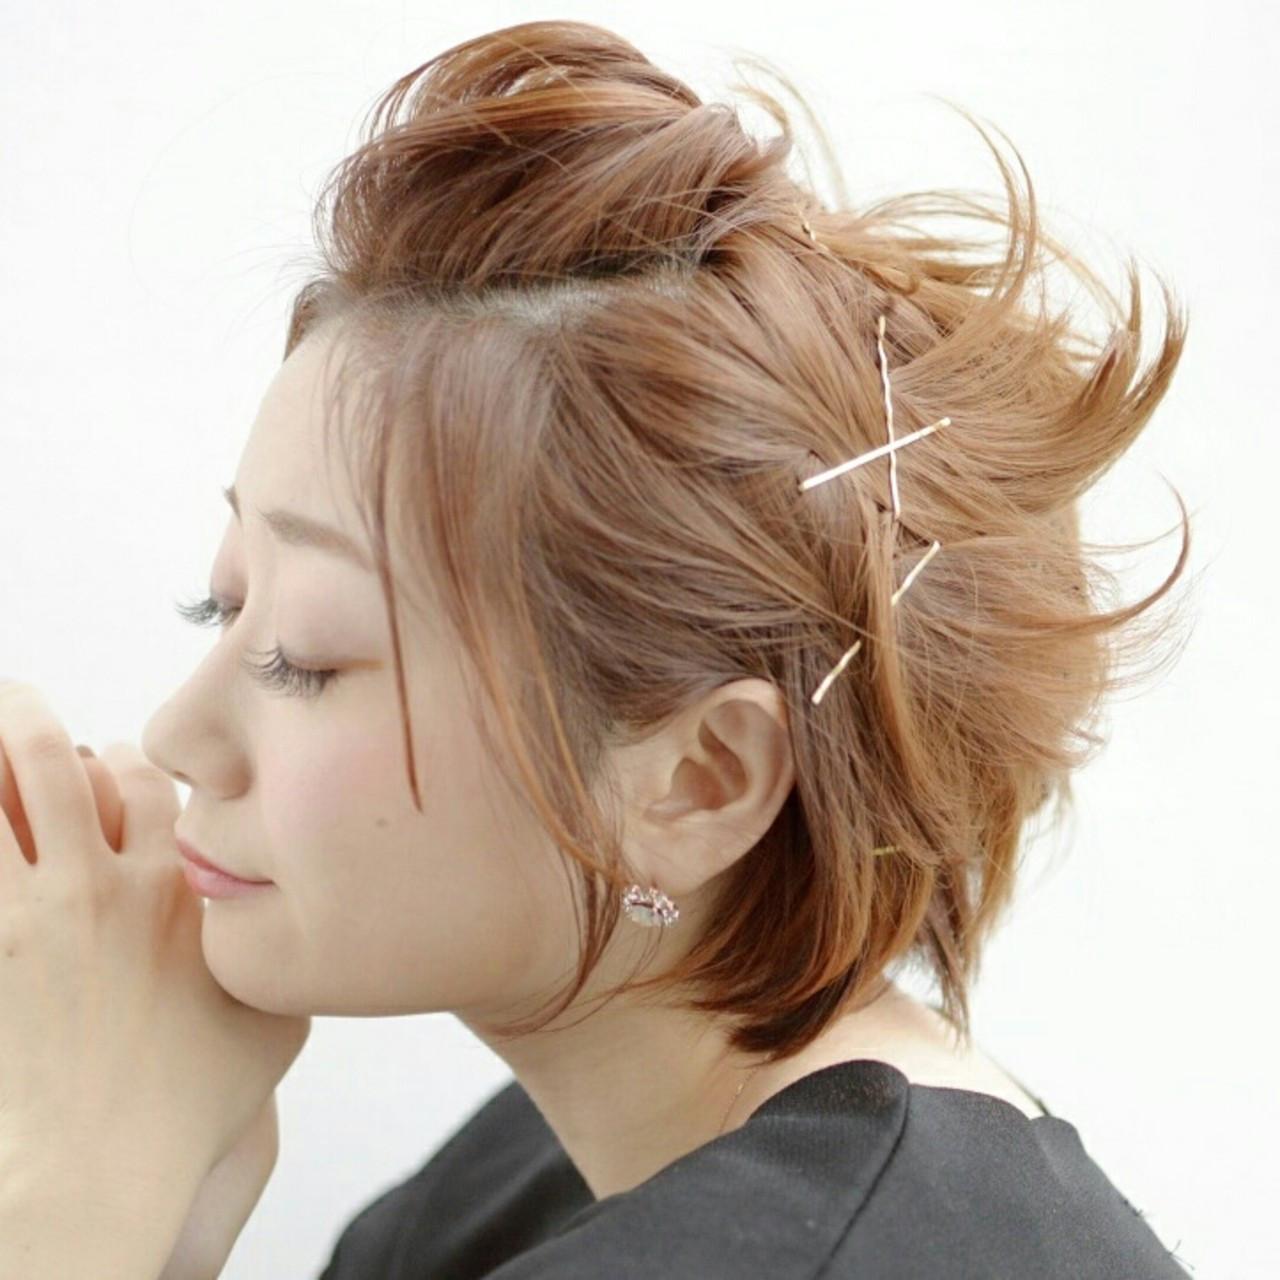 簡単ヘアアレンジ アッシュ ポンパドール ヘアピン ヘアスタイルや髪型の写真・画像